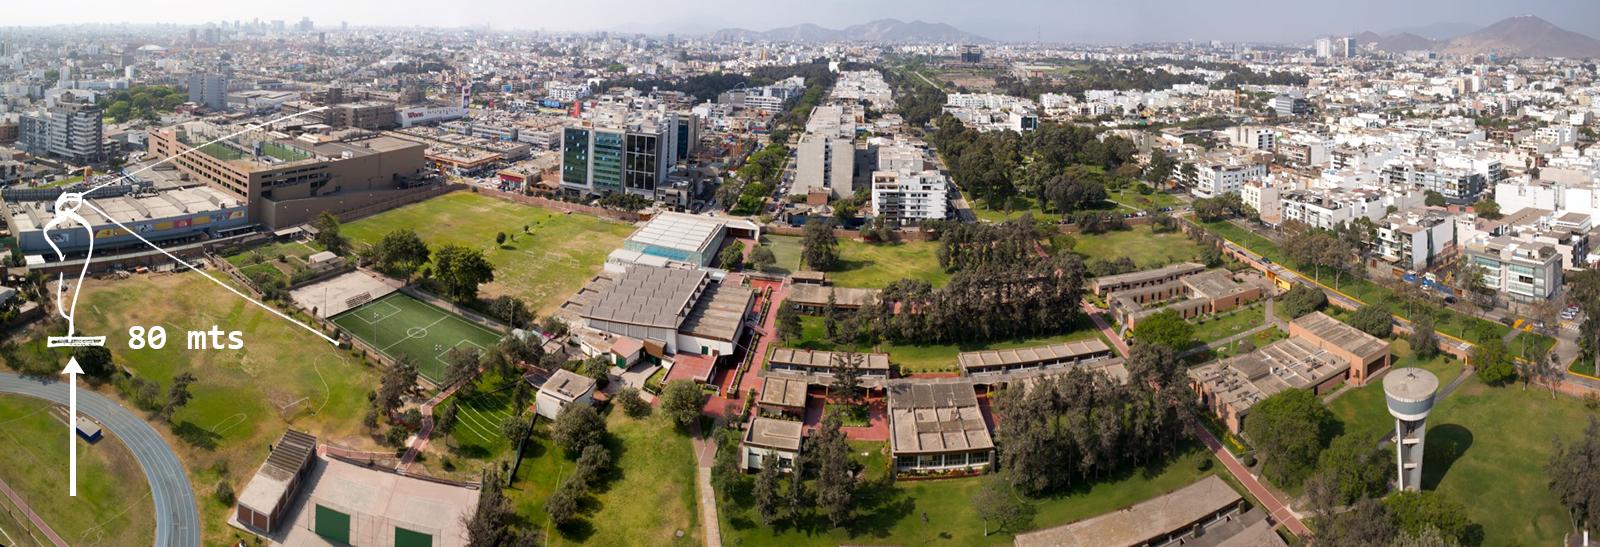 VISTACORP - Vista Panorámica a 80 metros de altura - Hacia el Colegio Santa María